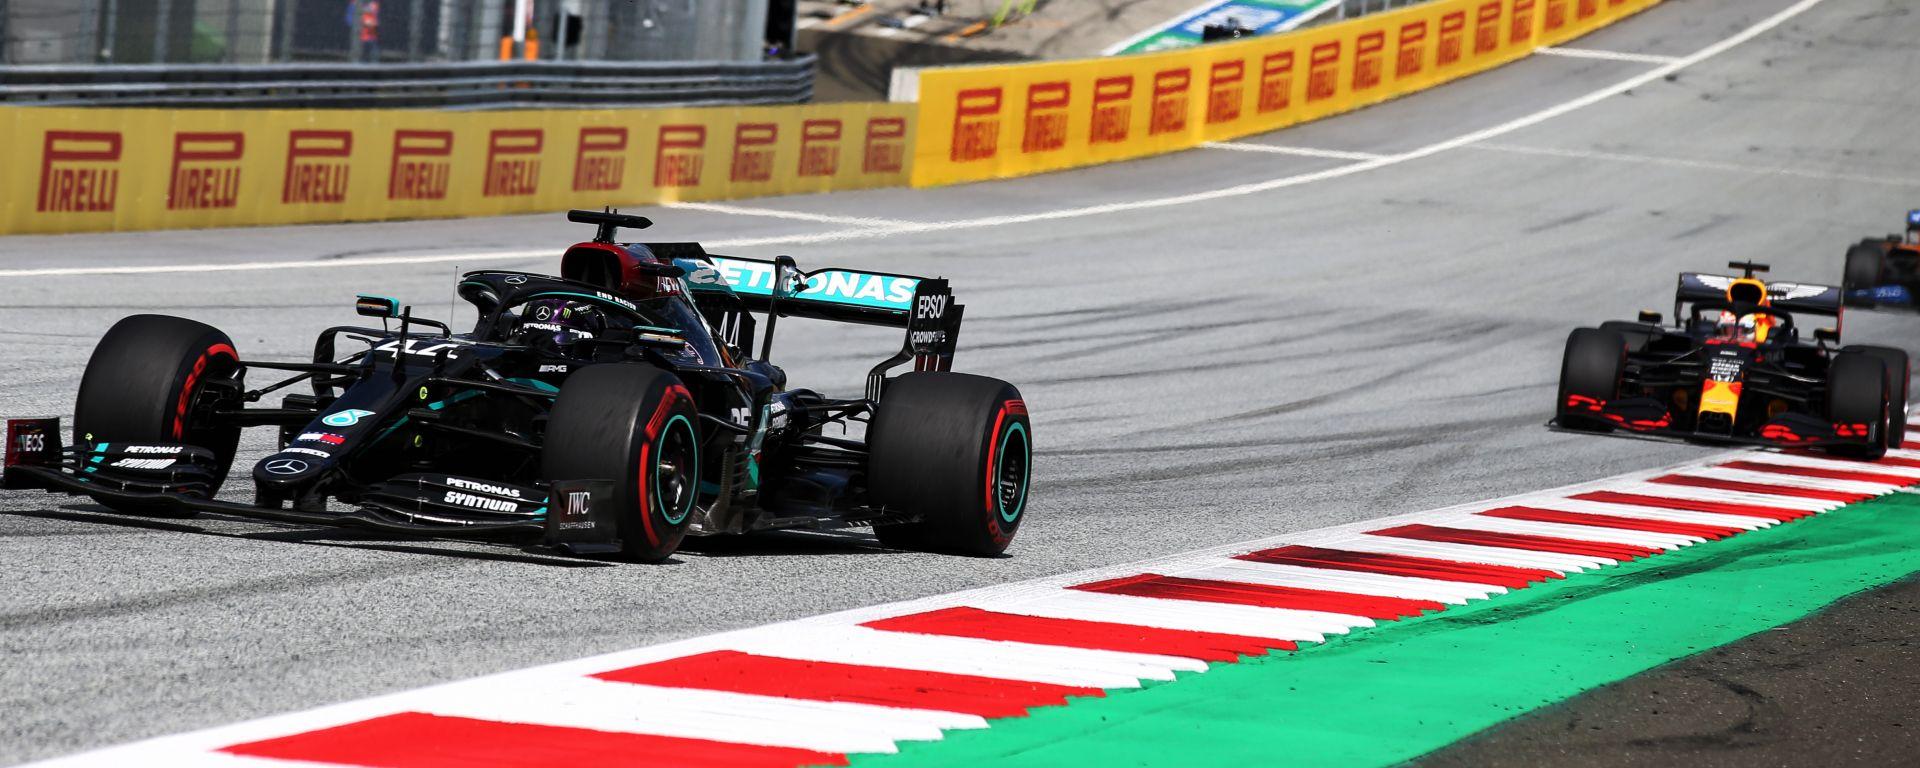 F1 GP Stiria 2020, Red Bull Ring: Lewis Hamilton (Mercedes) al comando nei primi giri di gara